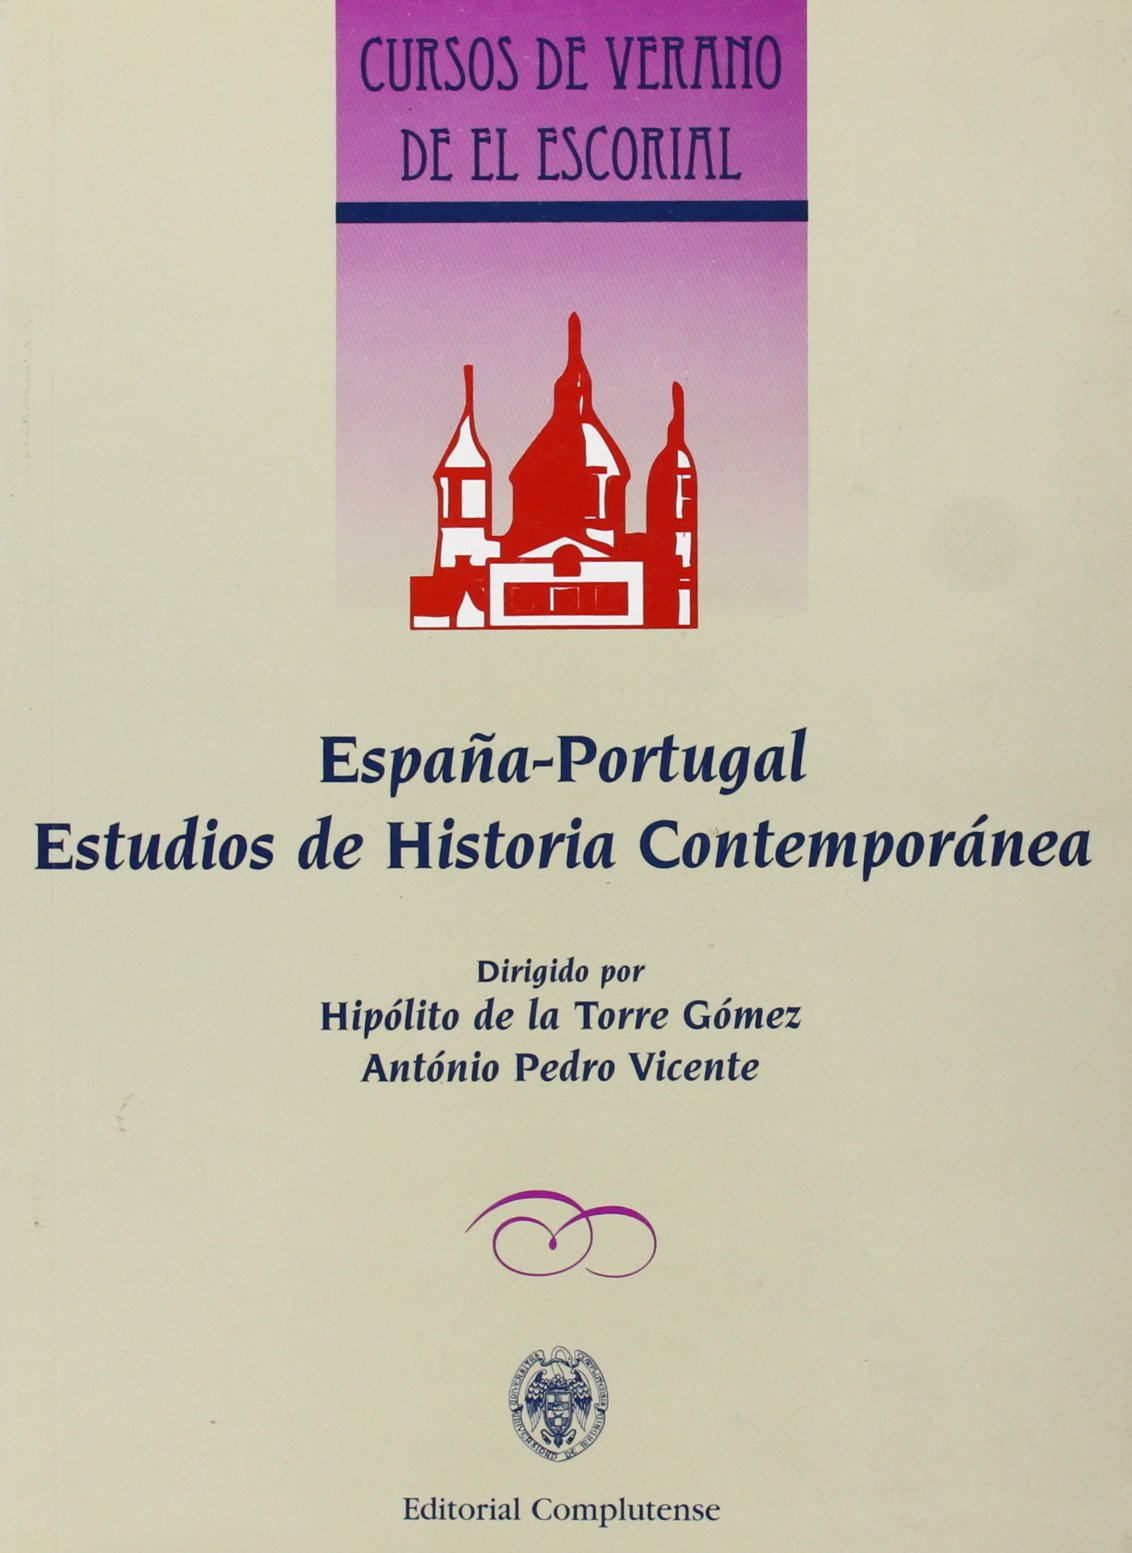 España-Portugal. Estudios de historia contemporánea Cursos de verano: Amazon.es: Torre, Hipólito de la: Libros